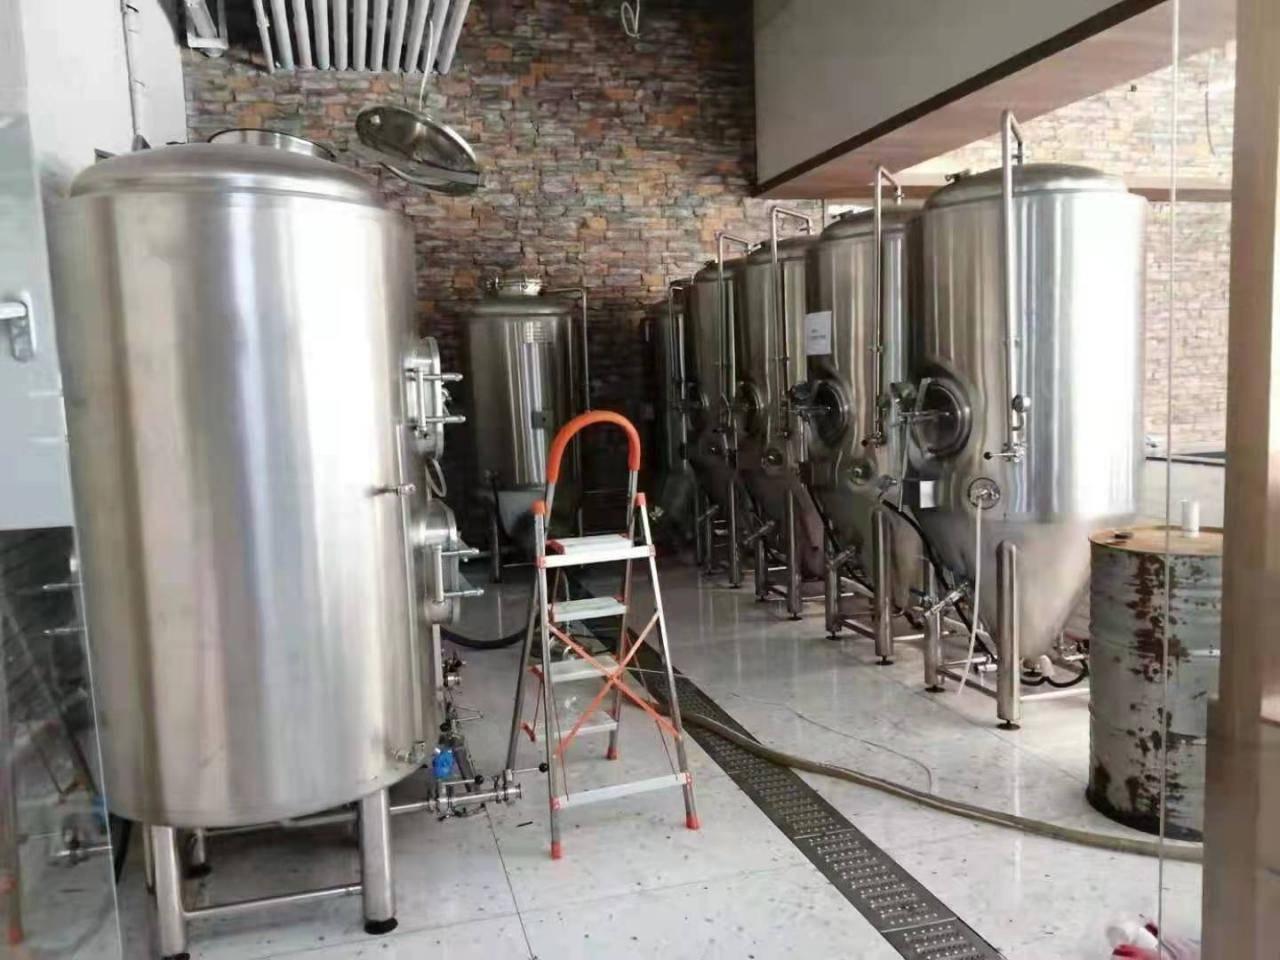 自酿鲜啤酒设备-一台小型的鲜啤酒酿造机多少钱-大麦丫-精酿啤酒连锁超市,工厂店平价酒吧免费加盟